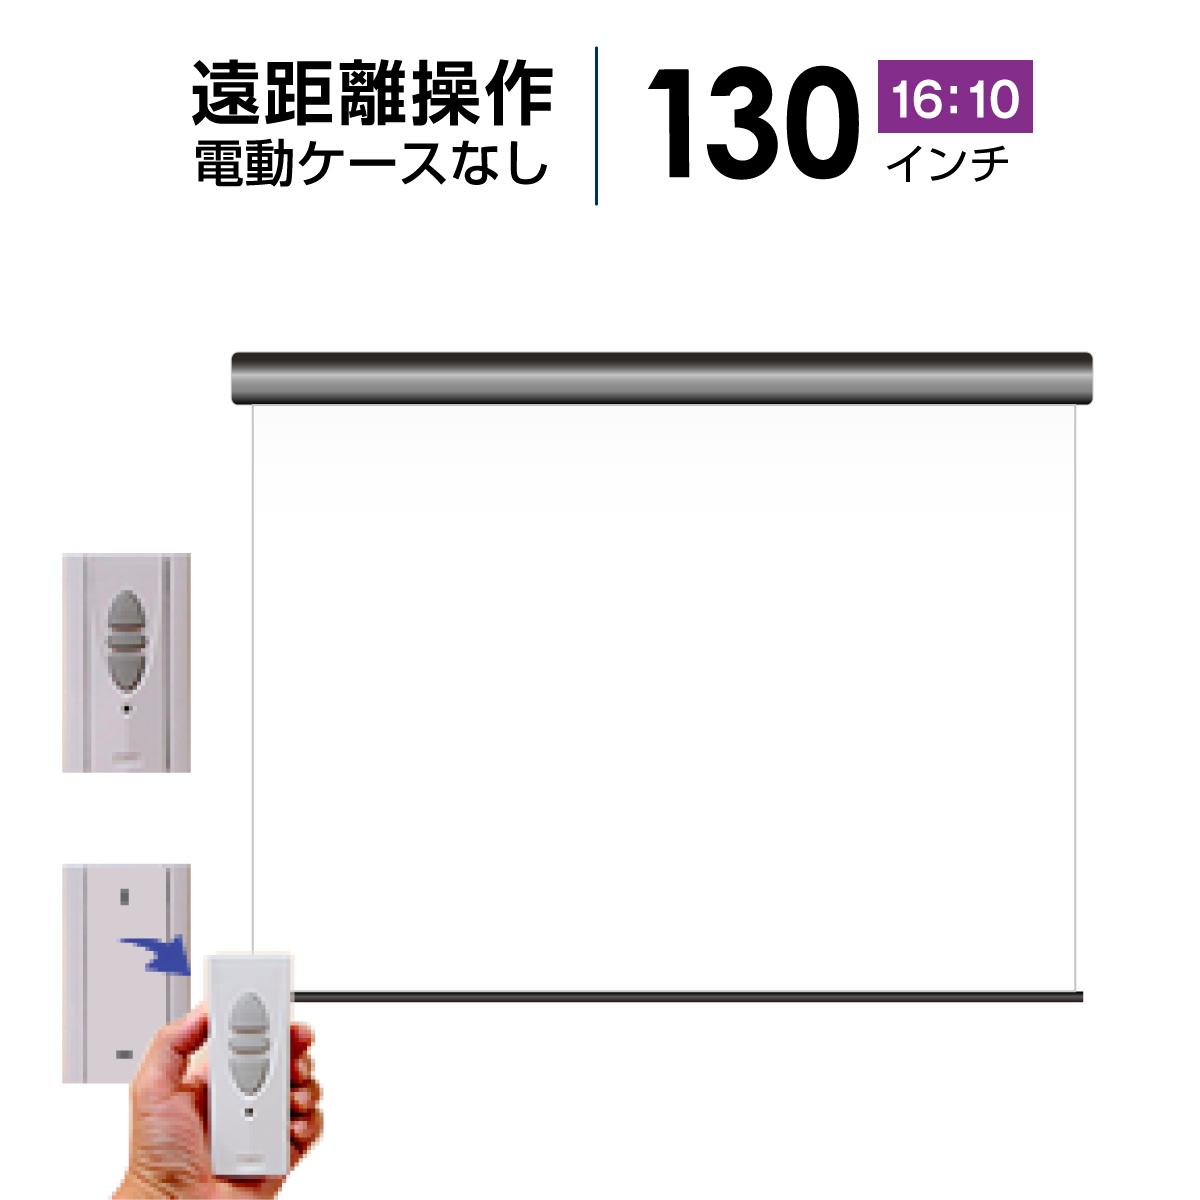 プロジェクタースクリーン 【業界初!!10年保証/送料無料】 長距離操作 電動スクリーン 130インチ(16:10)WXGA マスクフリー WRF2800FEH